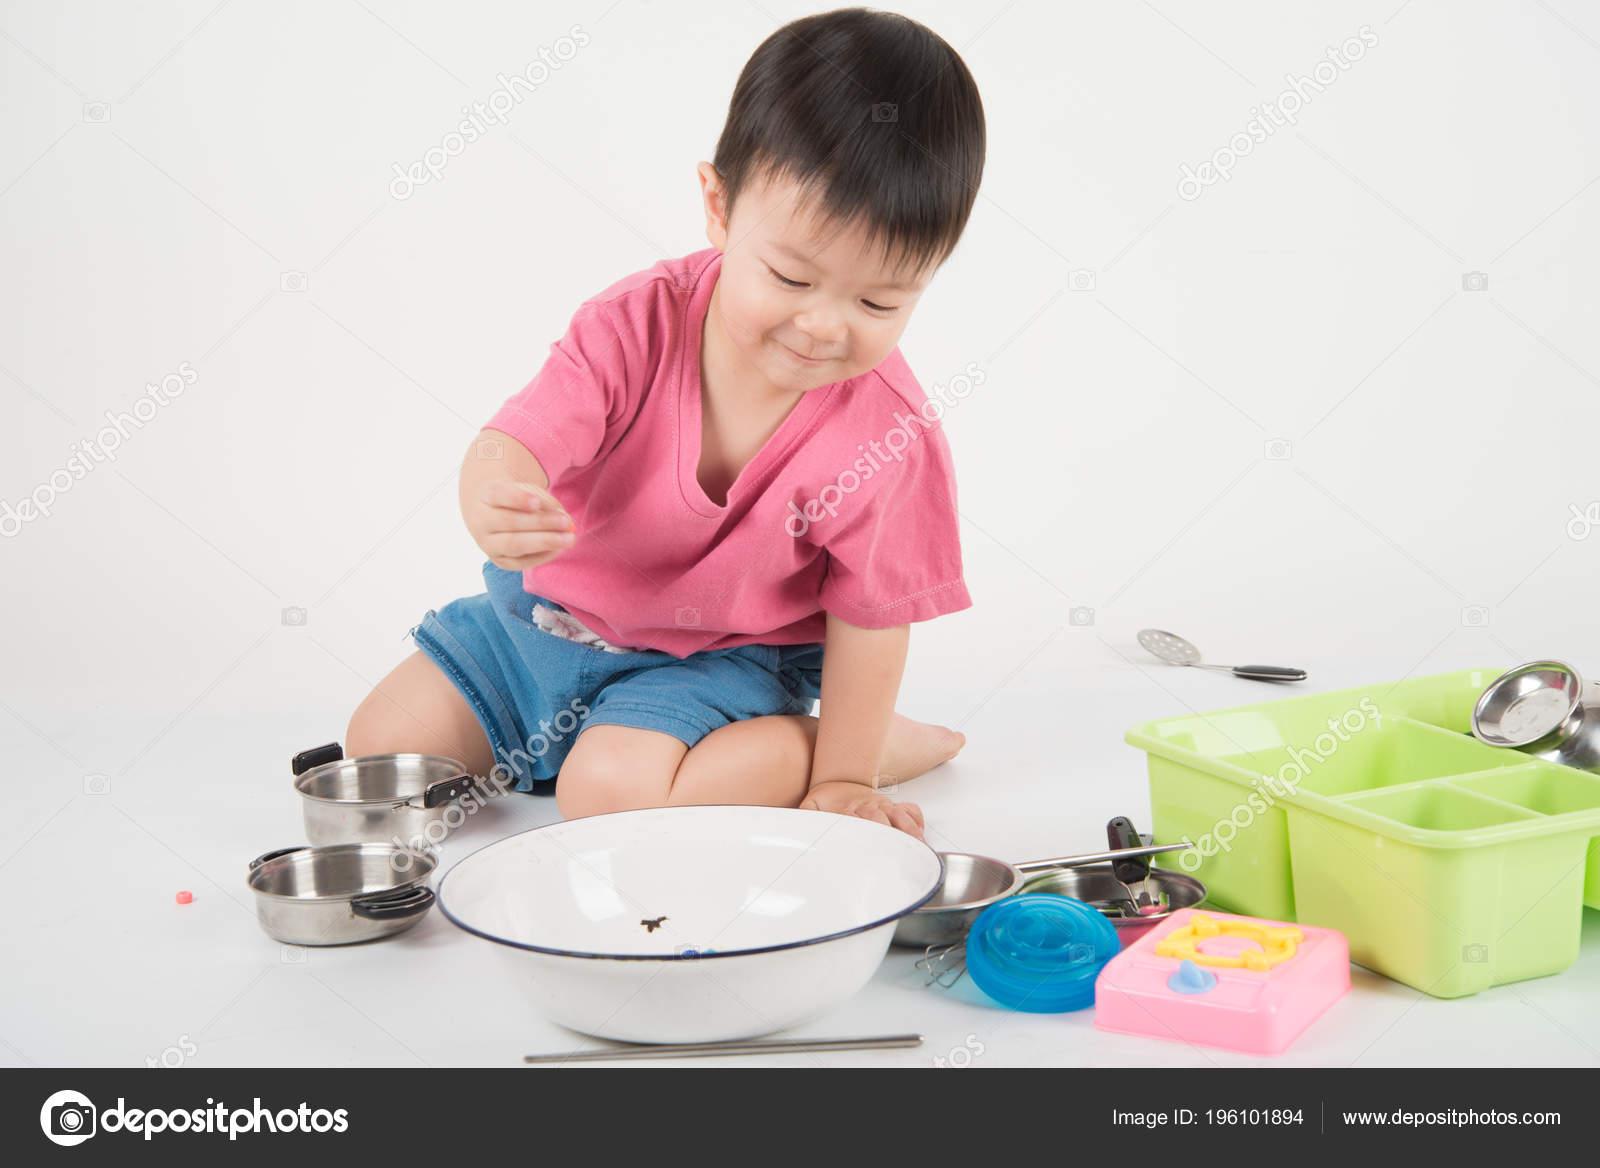 Keuken Voor Weinig : Weinig aziatische peuter jaar oud spelen keuken speelgoed